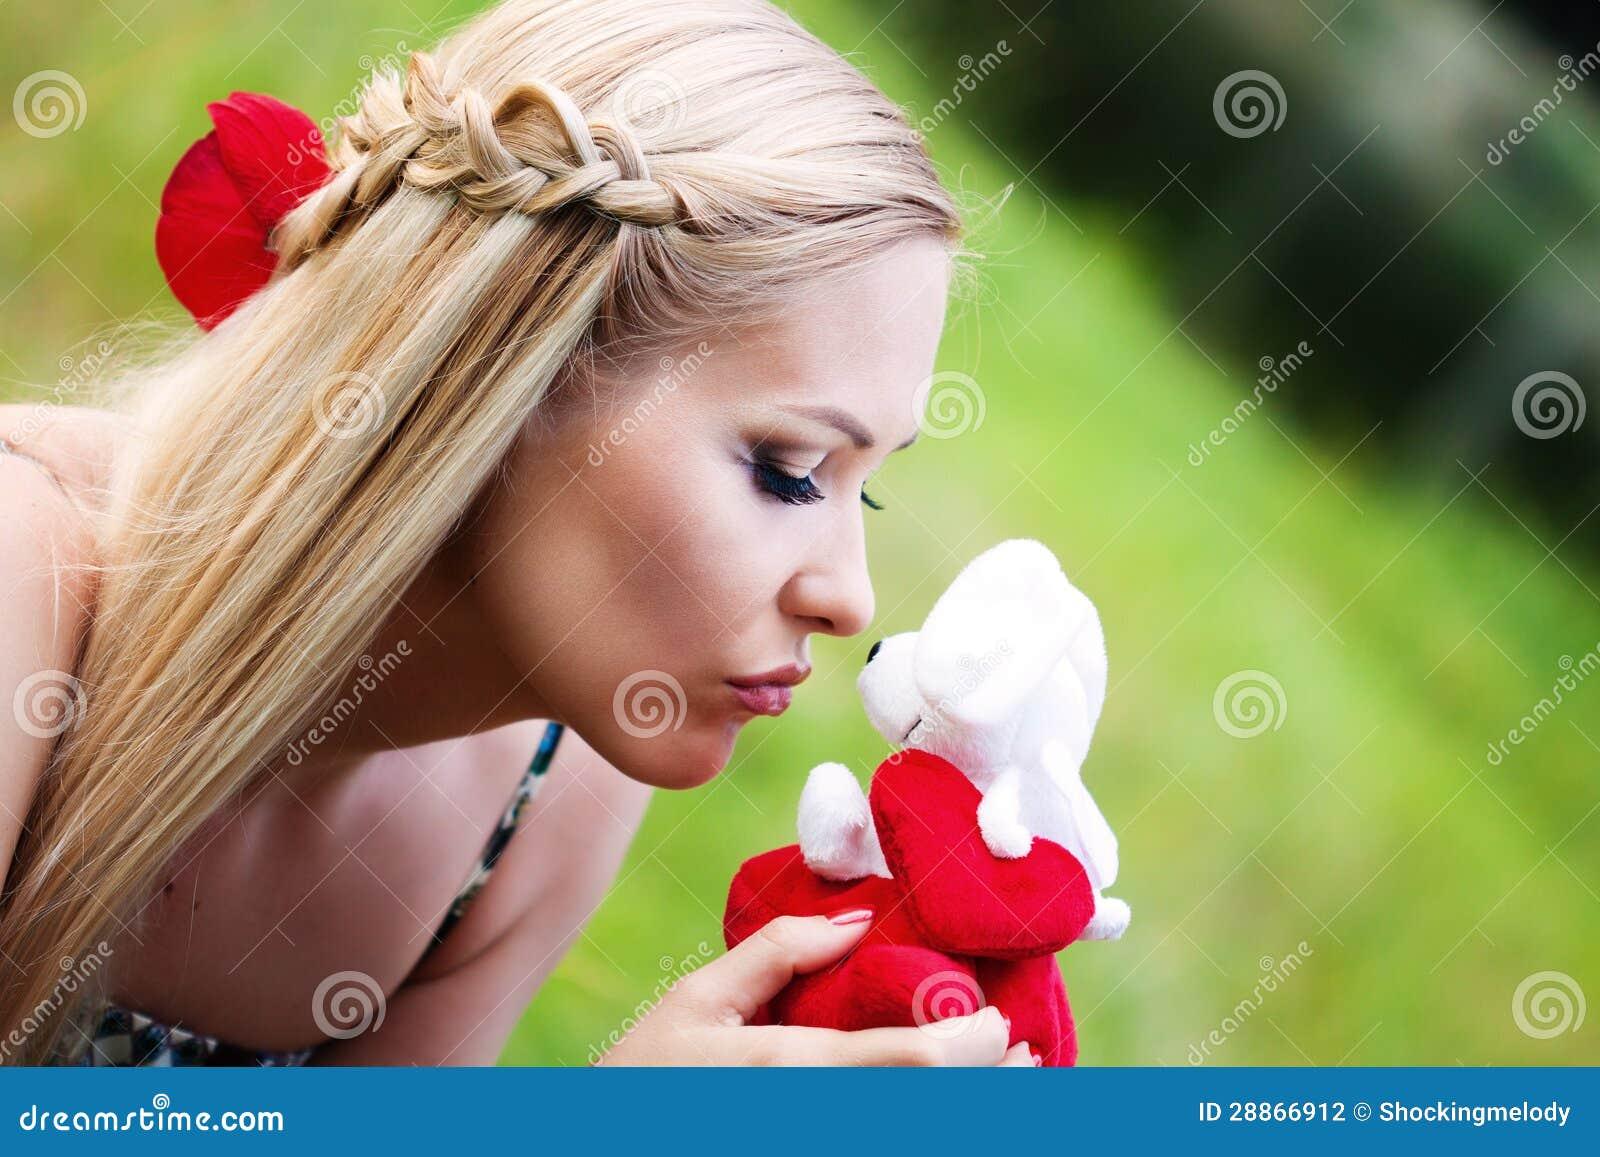 Blondes mädchen das ein spielzeug küsst stockfotografie